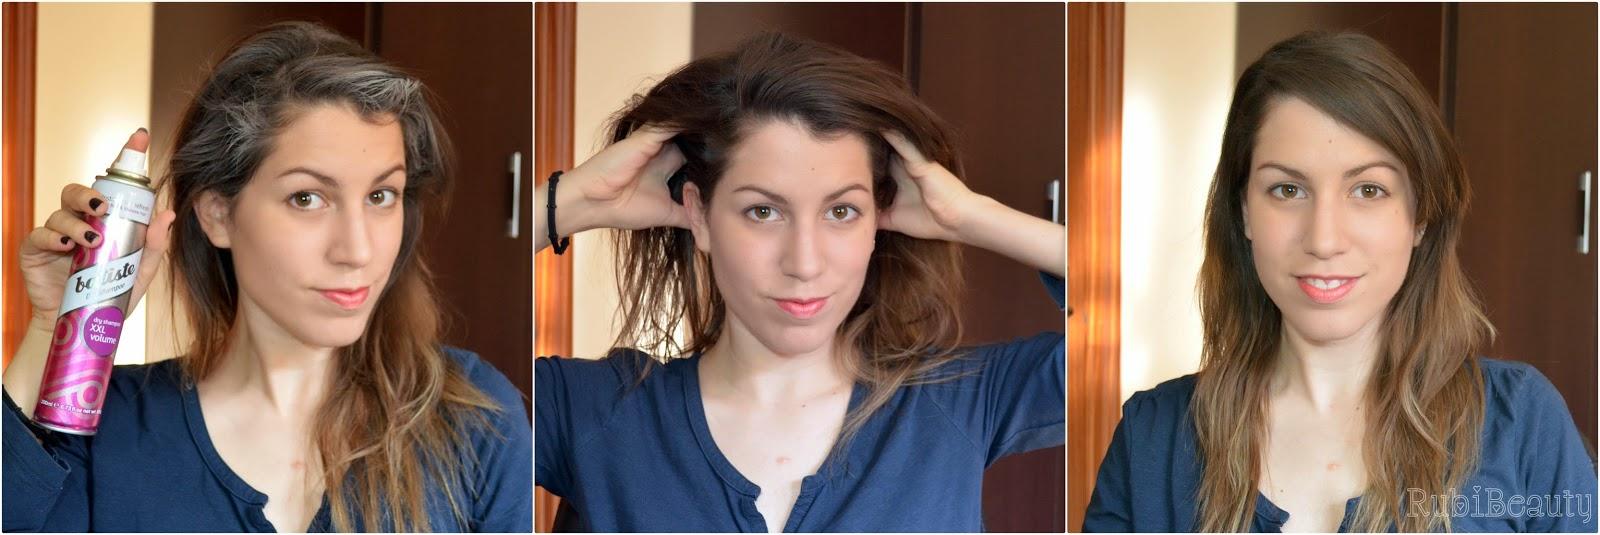 rubibeauty champu seco batiste uso volumen cabello